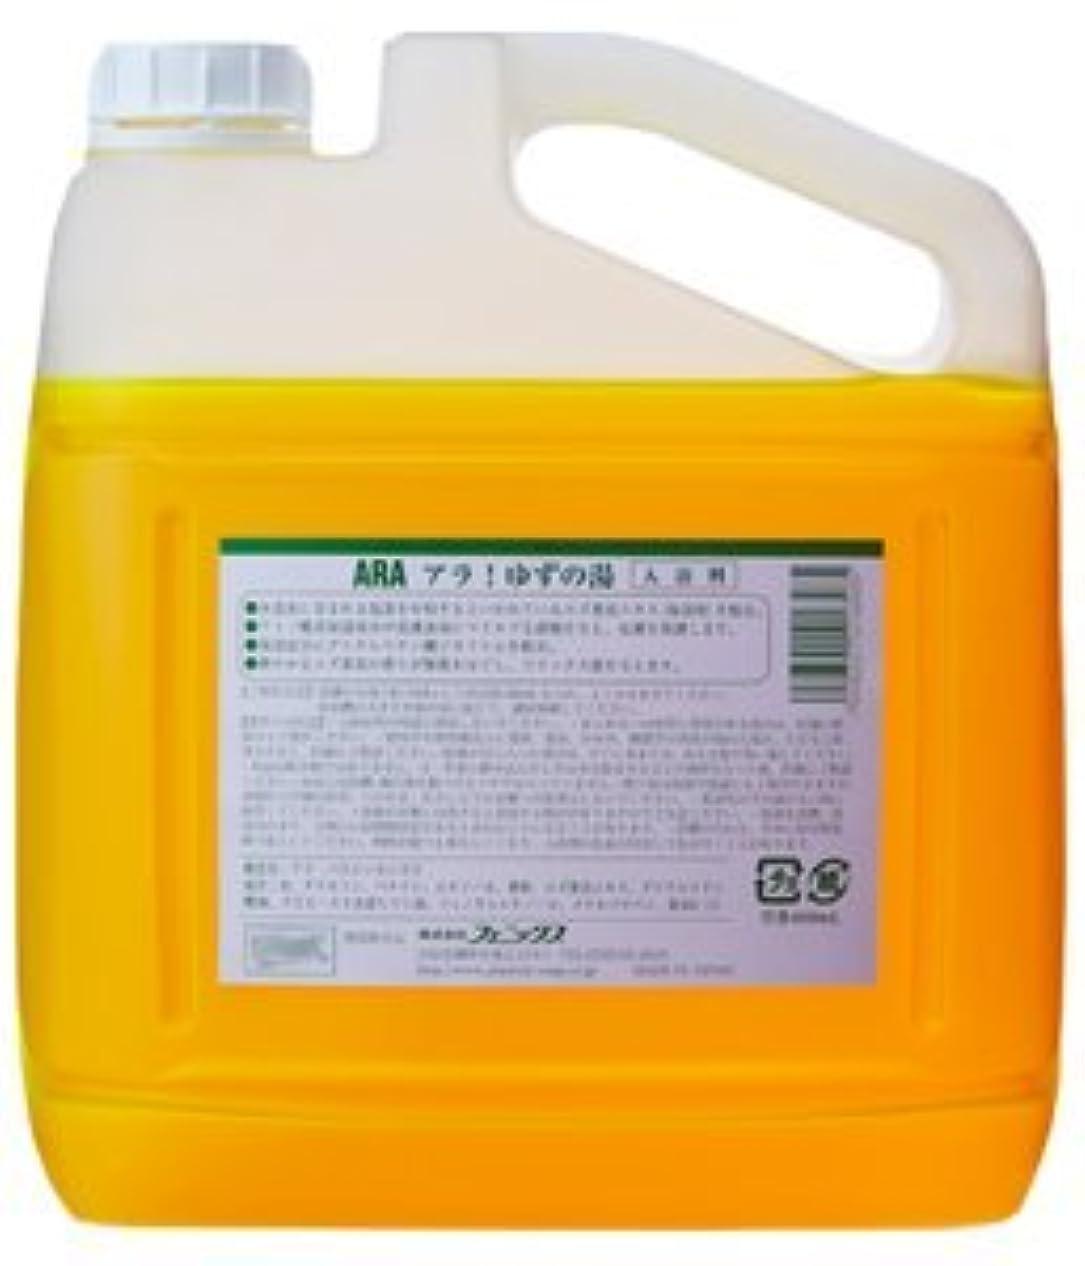 ビルダーぬれた規模【ケース販売】アラ!ゆずの湯 液体入浴料 4L×4本